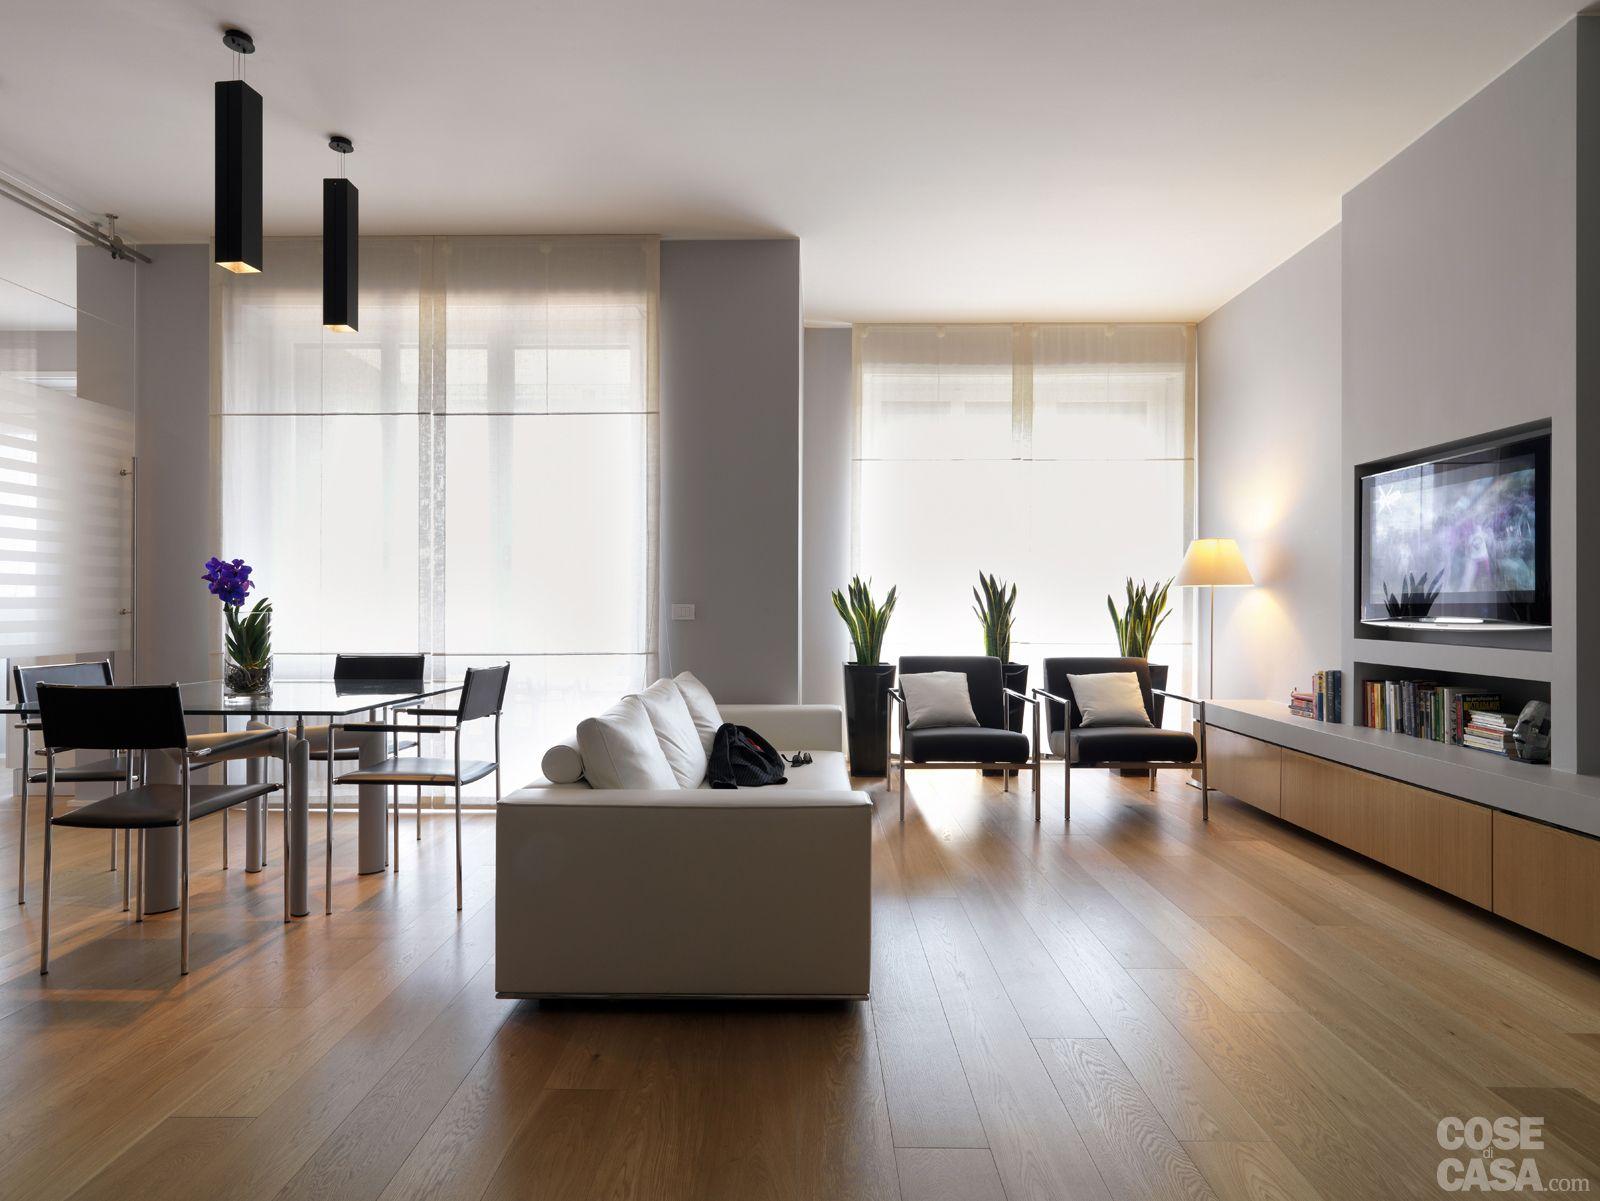 Una casa con una nuova articolata distribuzione nel 2019 for Case ristrutturate moderne